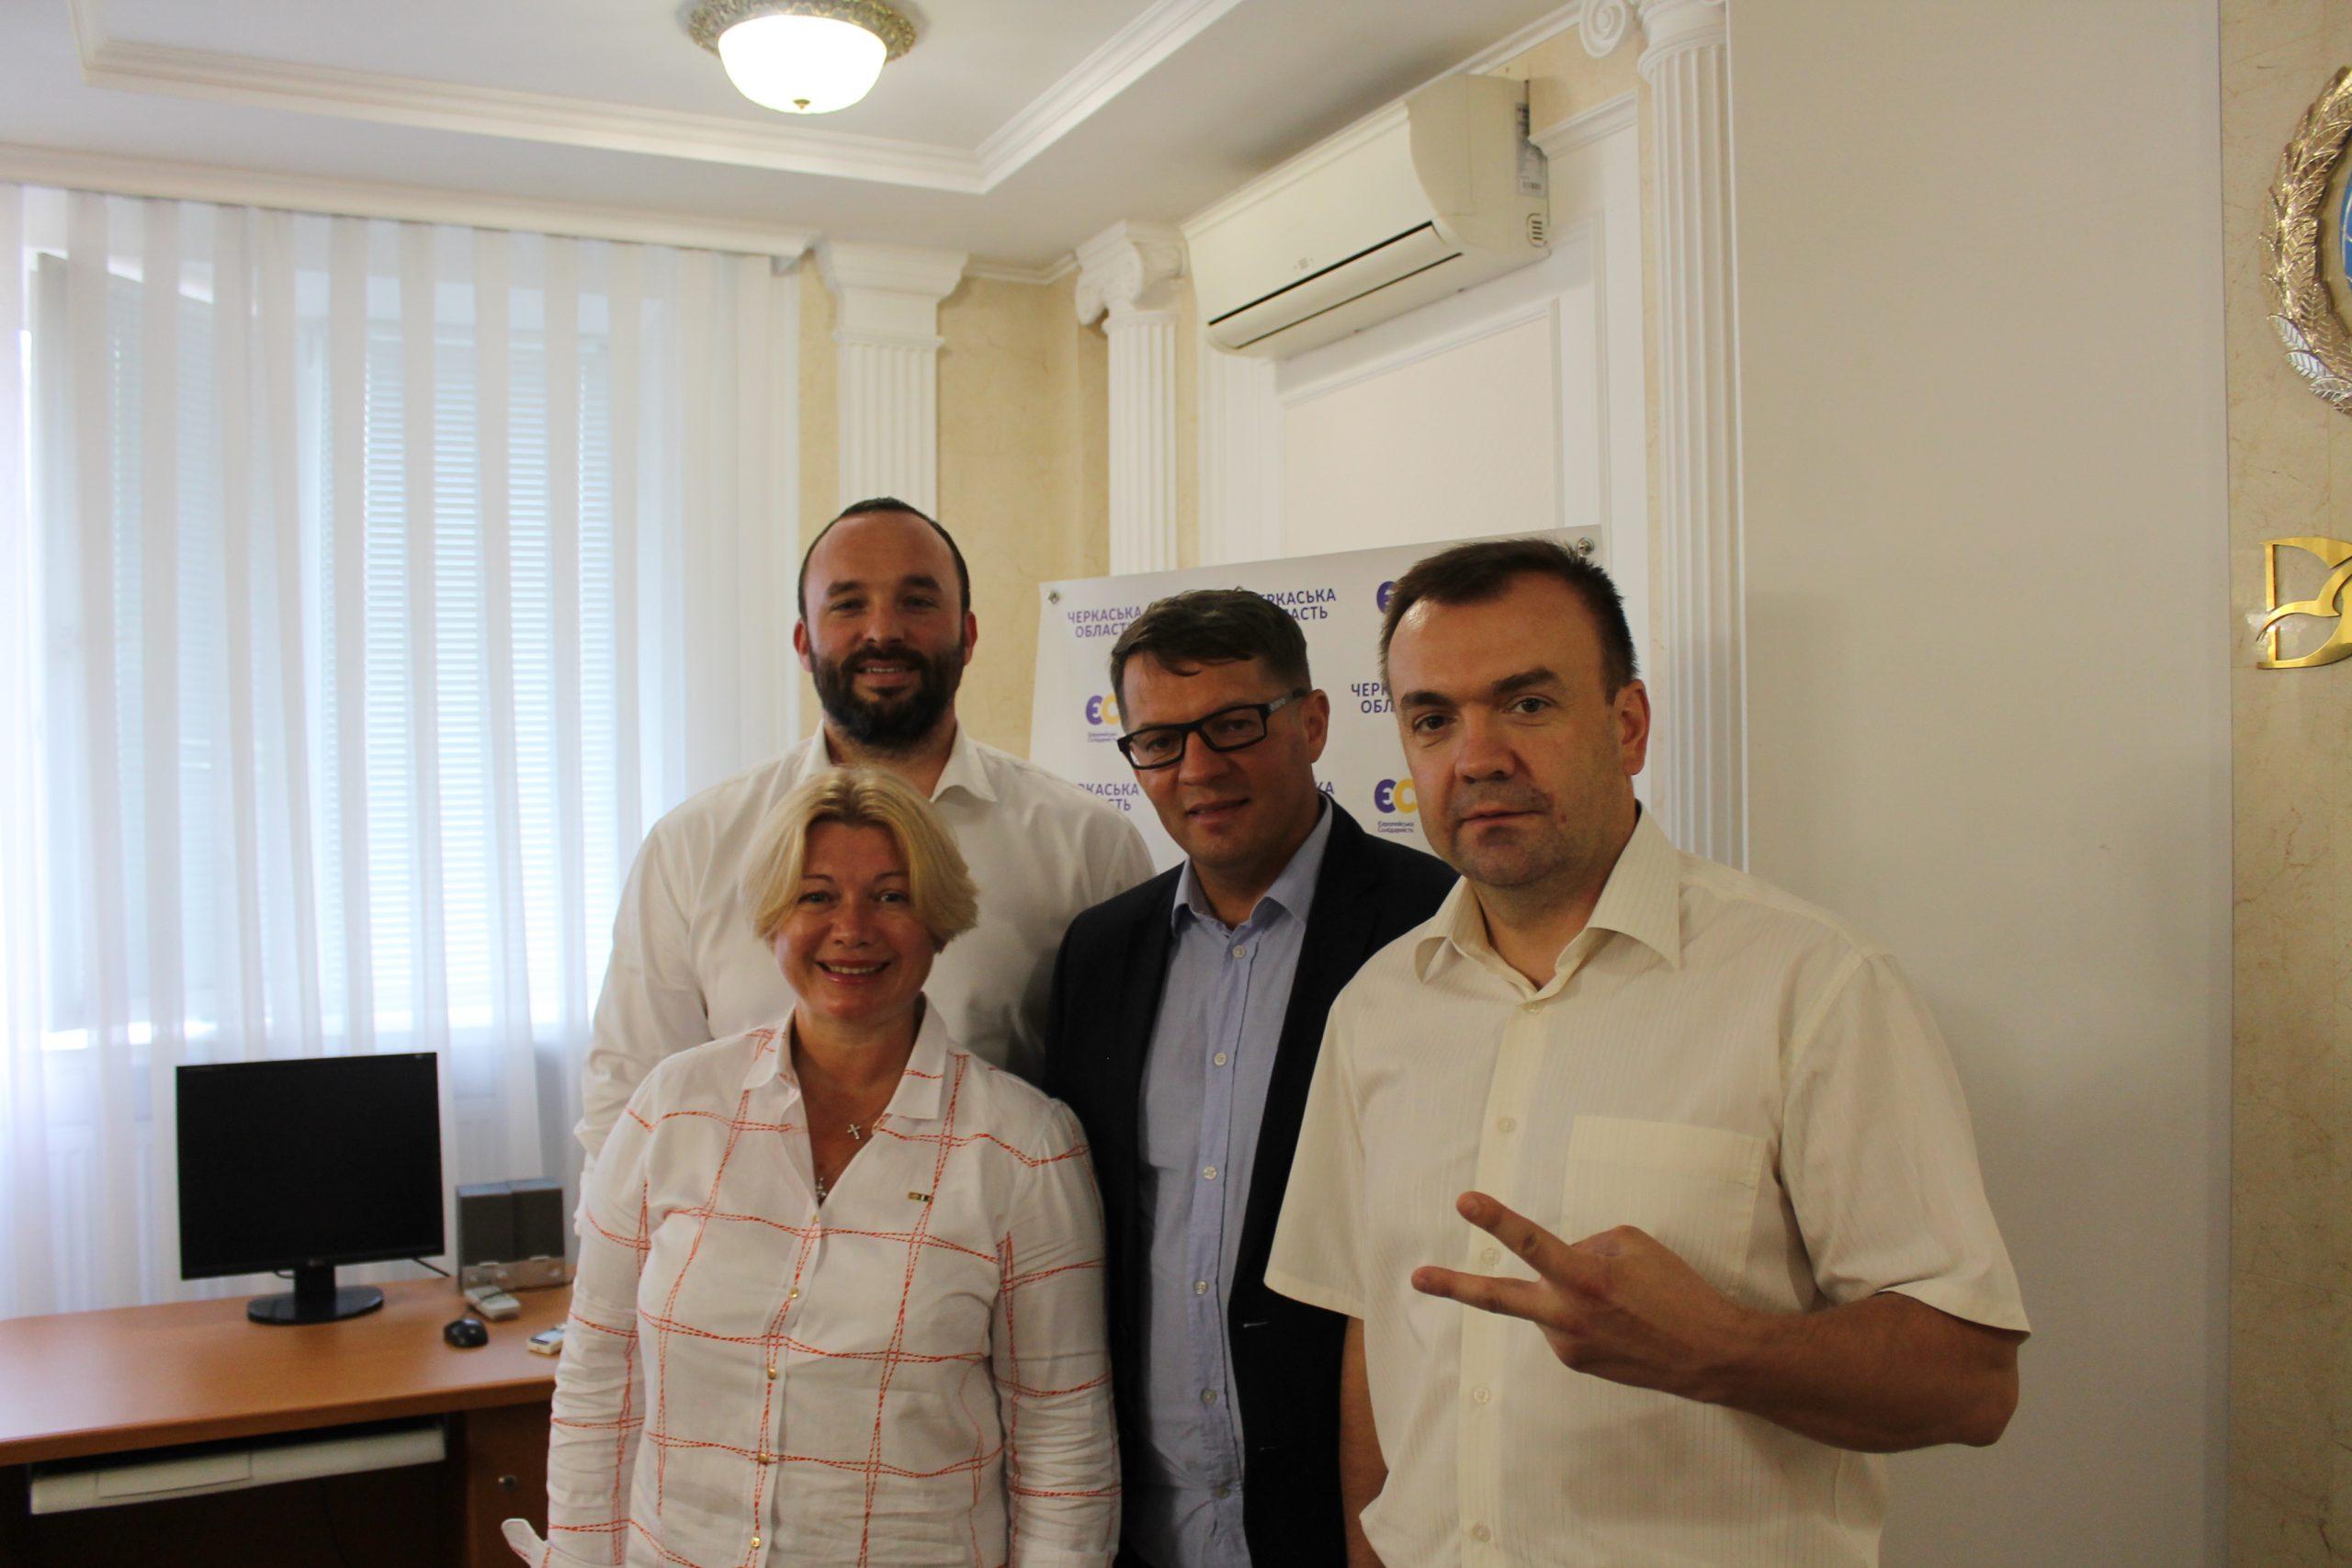 Політв'язень Кремля Роман Сущенко поведе команду ЄС до обласної ради